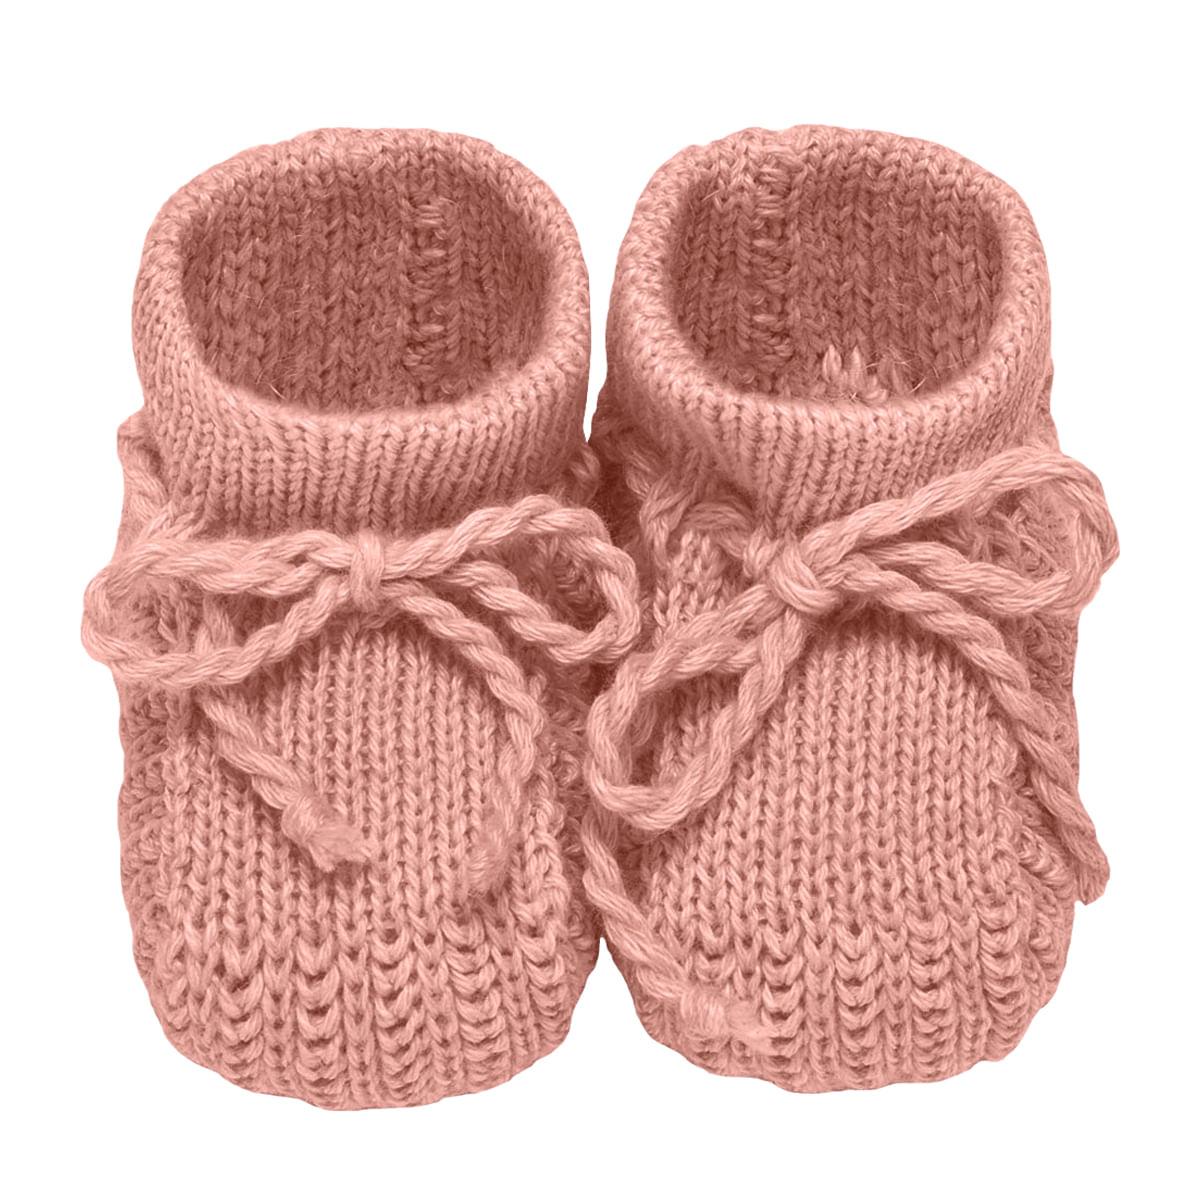 cb9fe76b5 Sapatinho para bebê em tricot Rosé - Roana no bebefacil loja de roupas  enxoval e acessorios para bebes - bebefacil